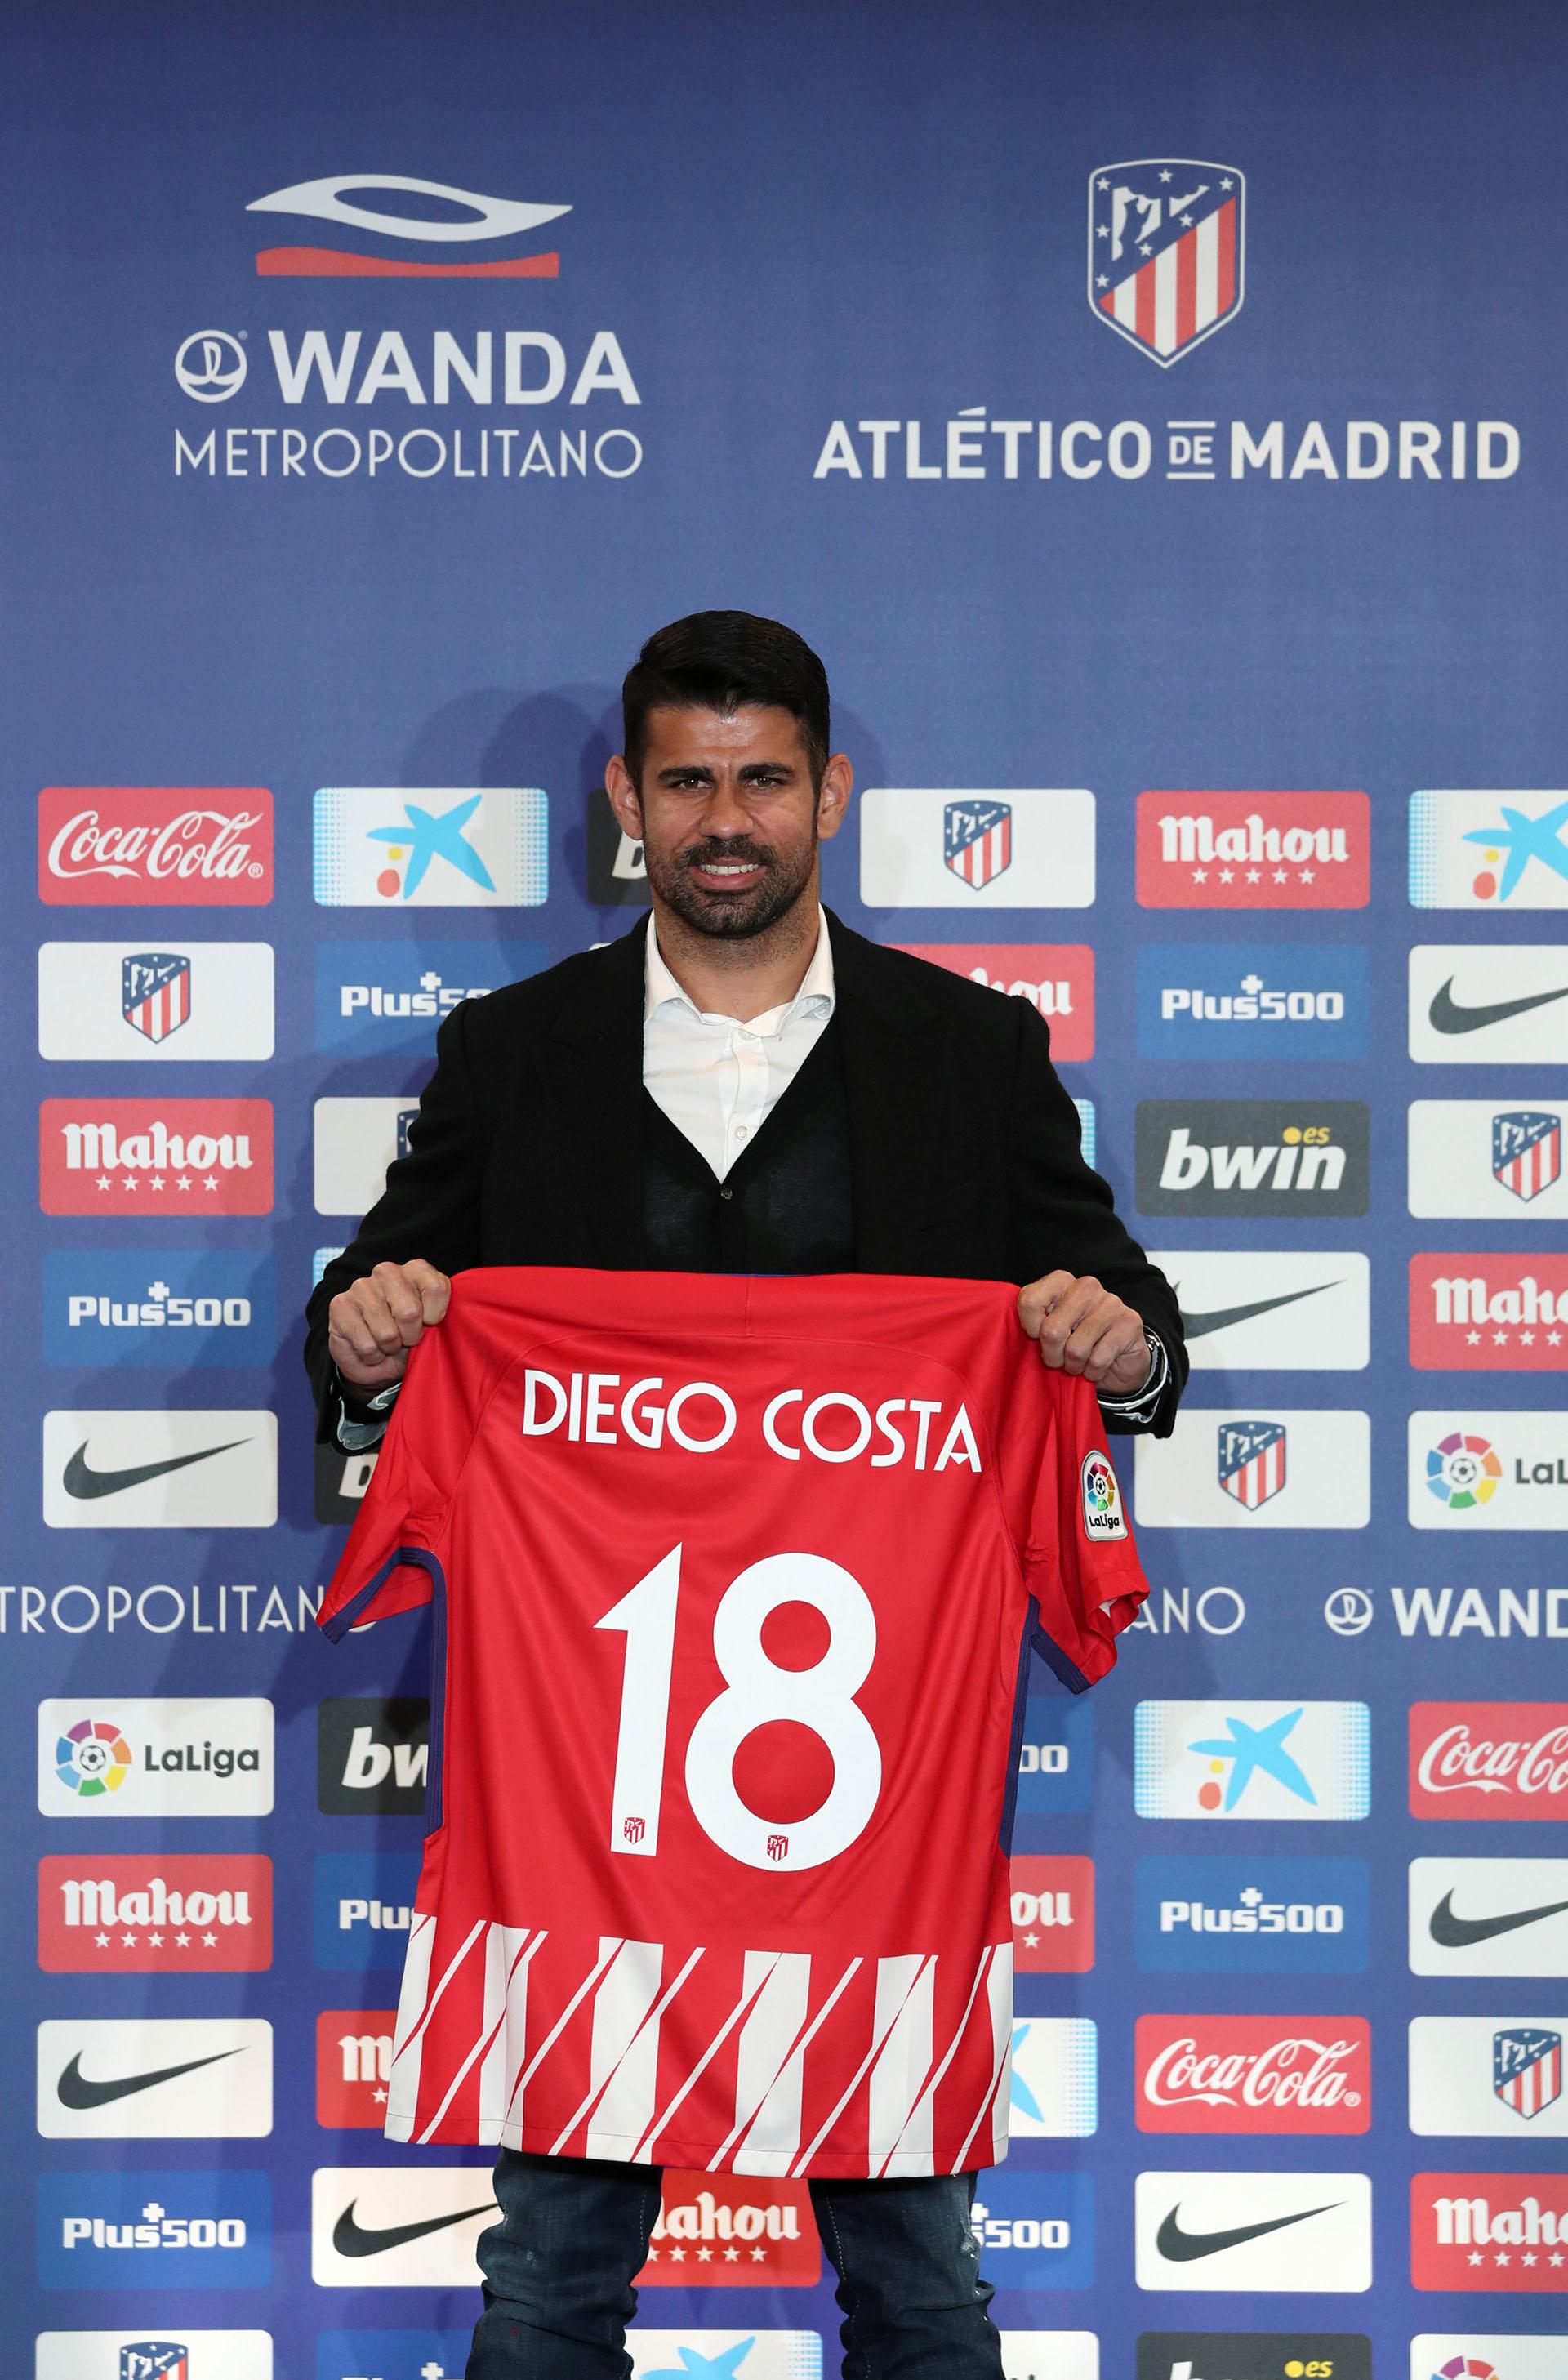 14 imágenes de la presentación de Diego Costa en el Atlético Madrid ... db7021554a713